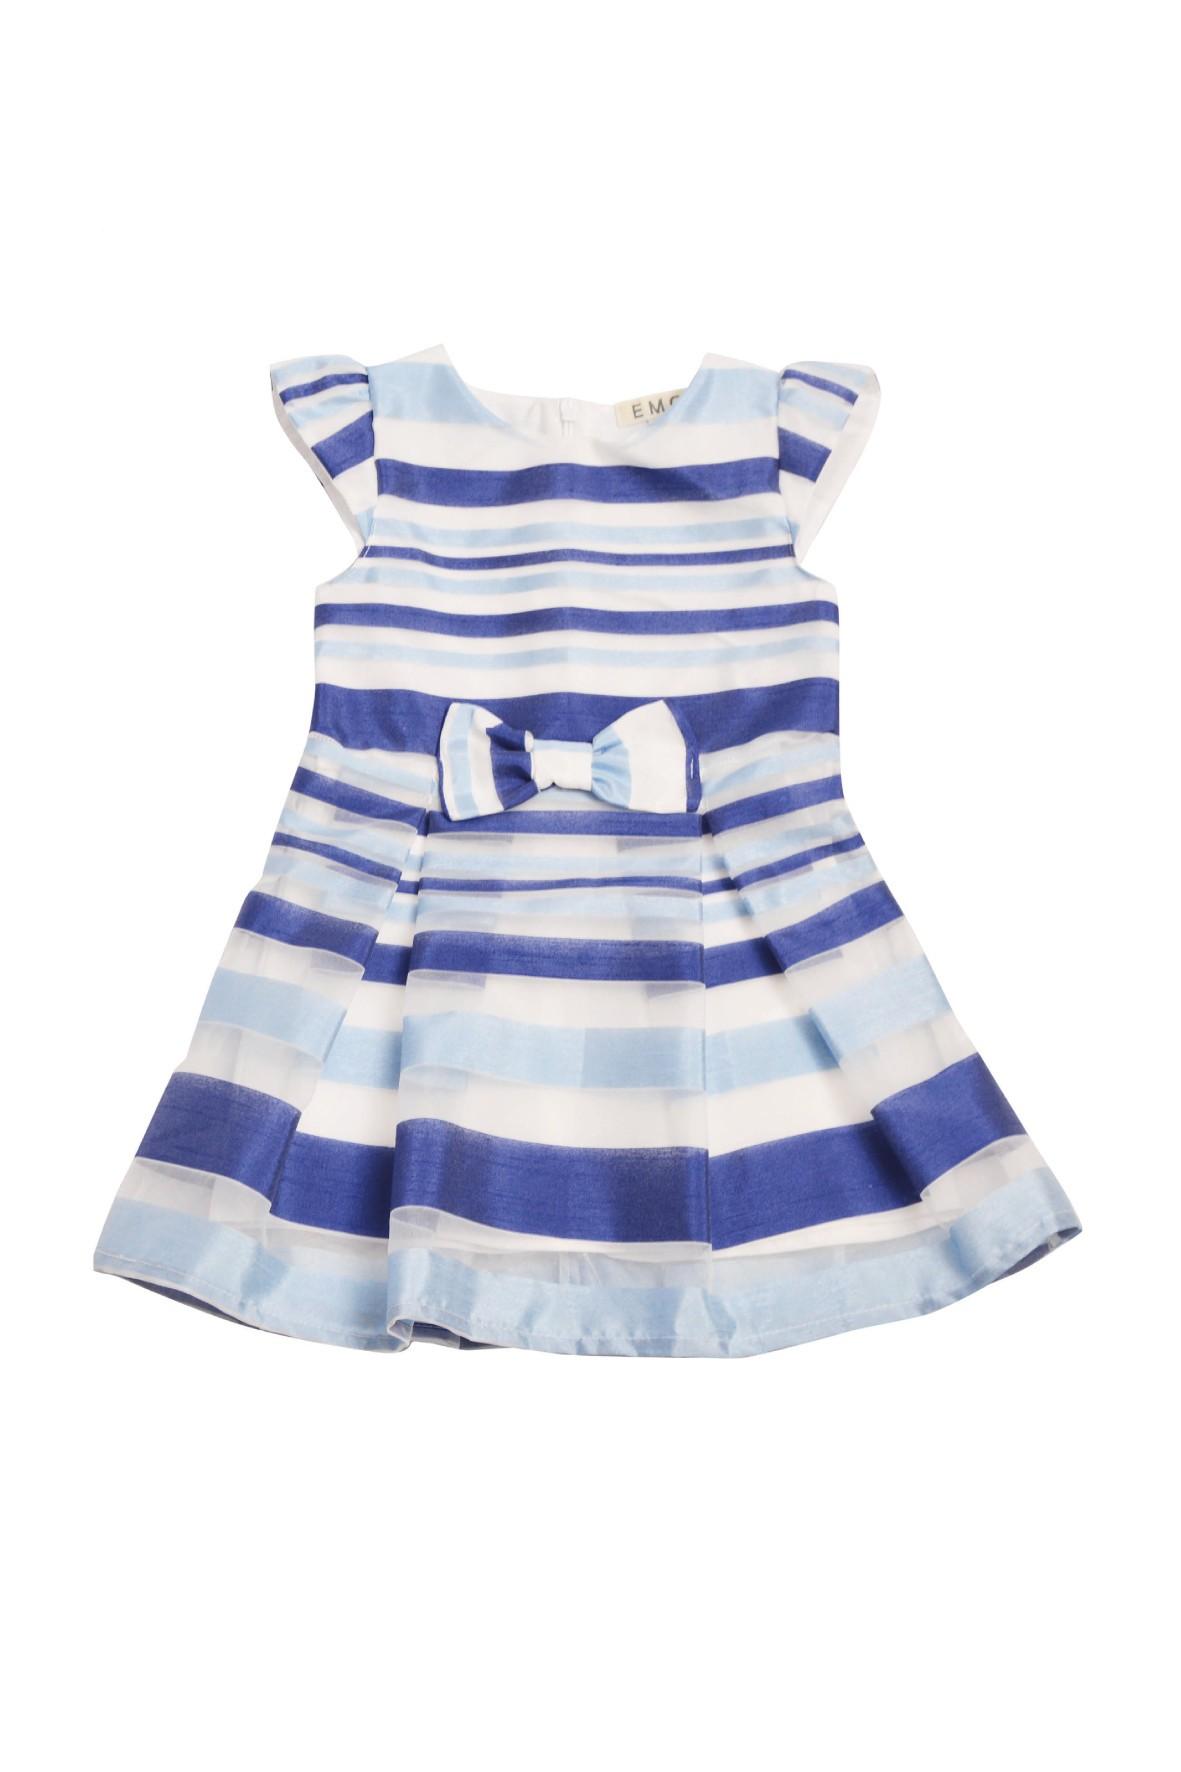 Elegancka sukienka dziewczęca w niebieskie pasy